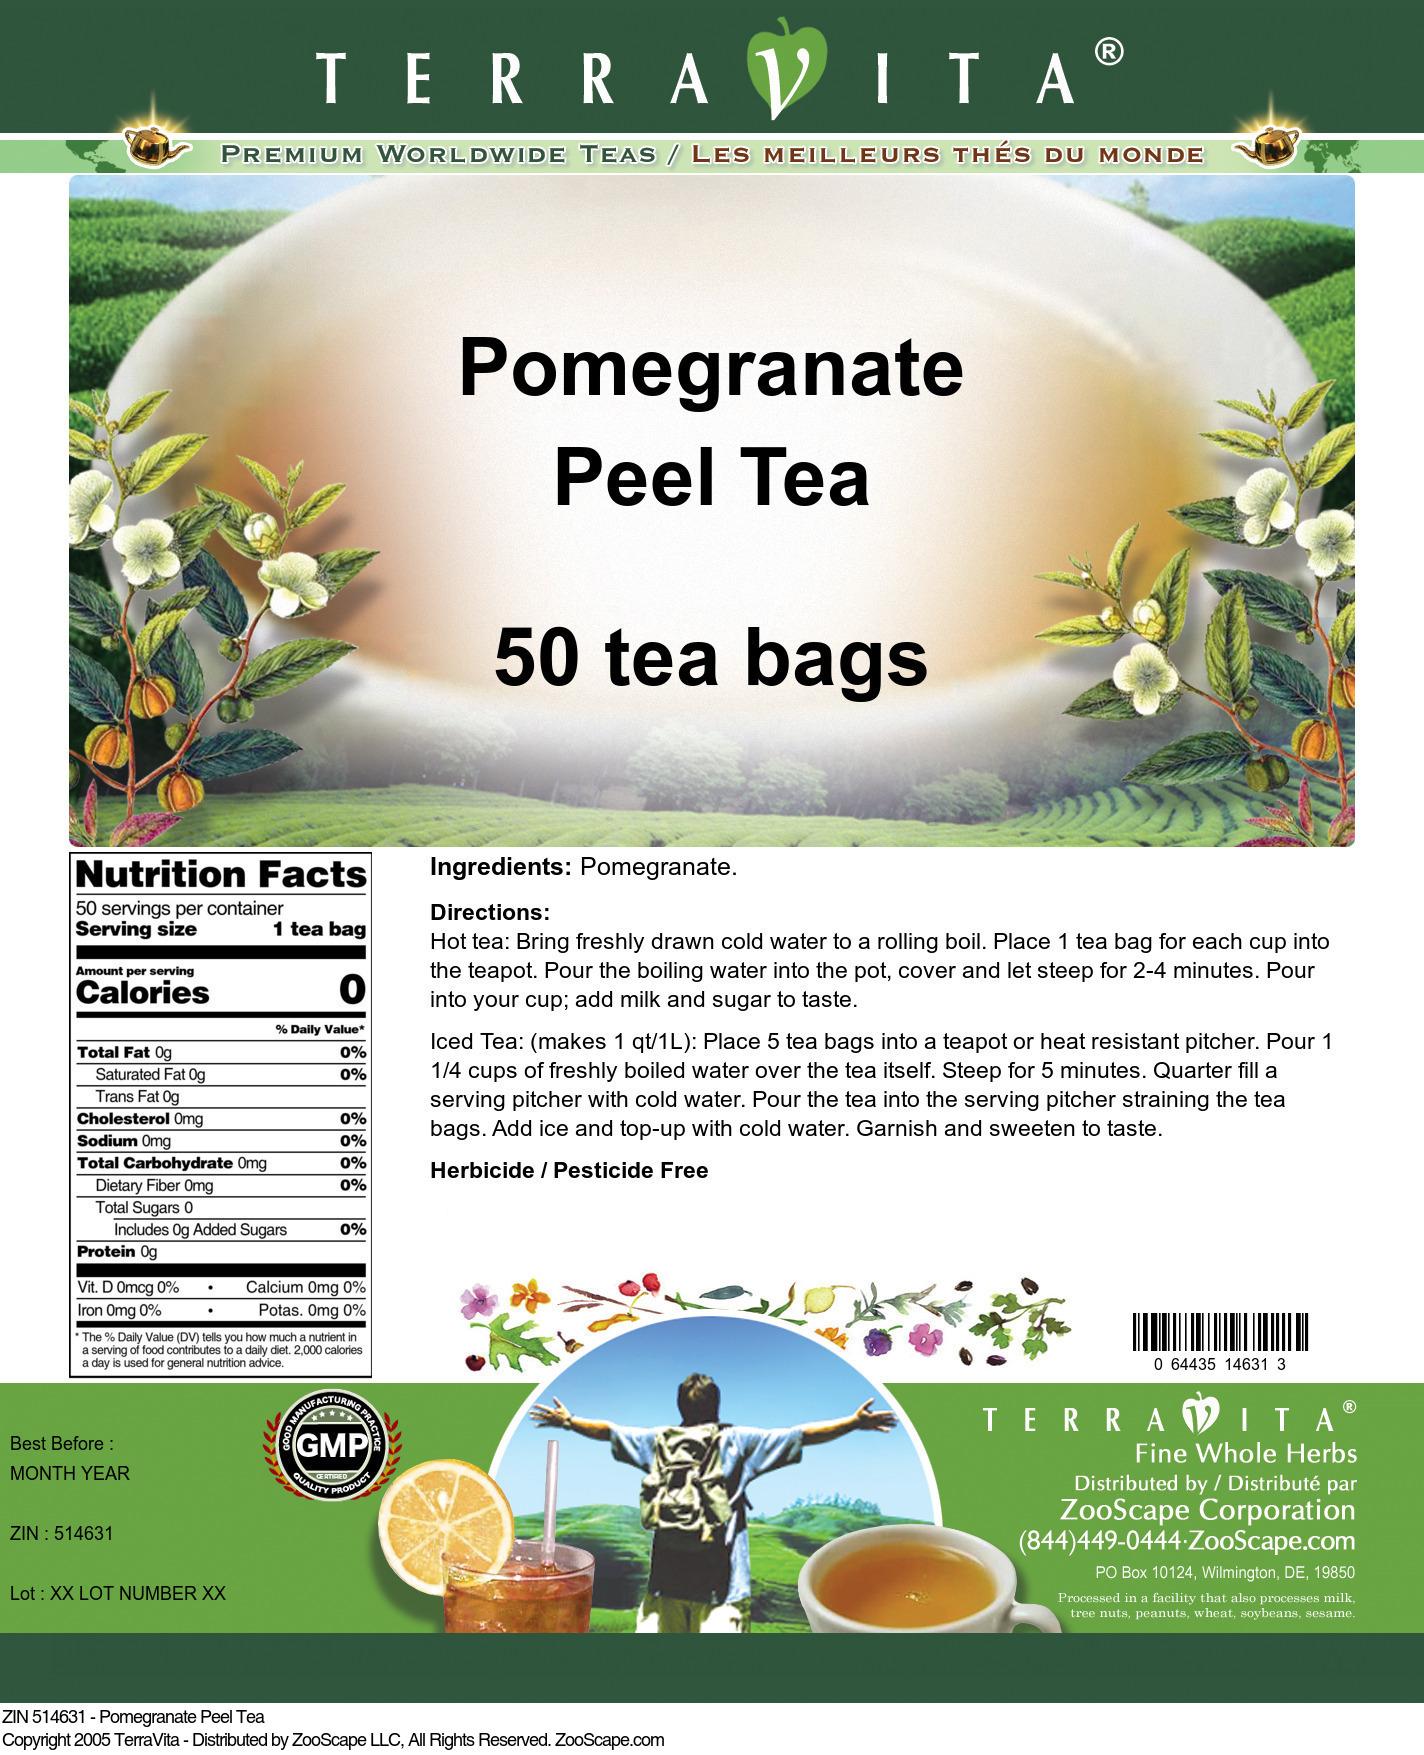 Pomegranate Peel Tea